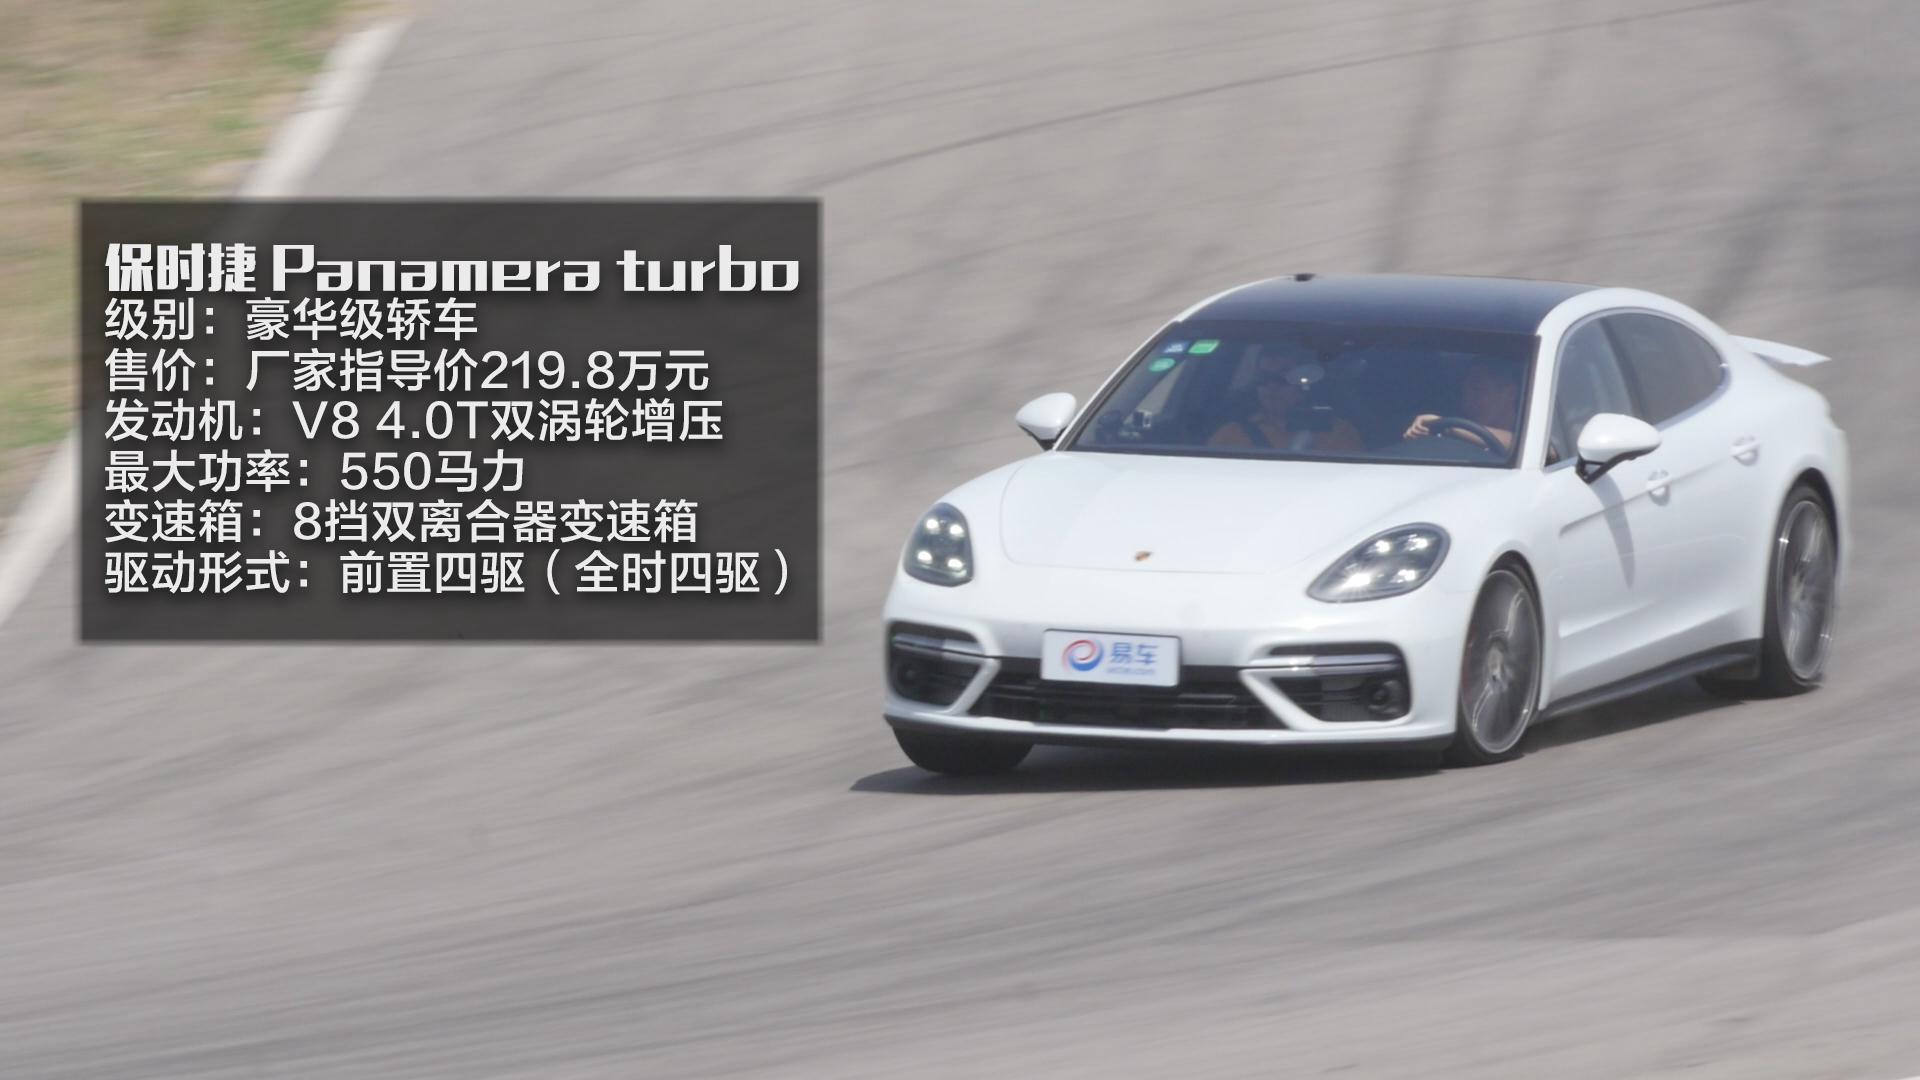 保时捷Panamera Turbo 赛道圈速实测